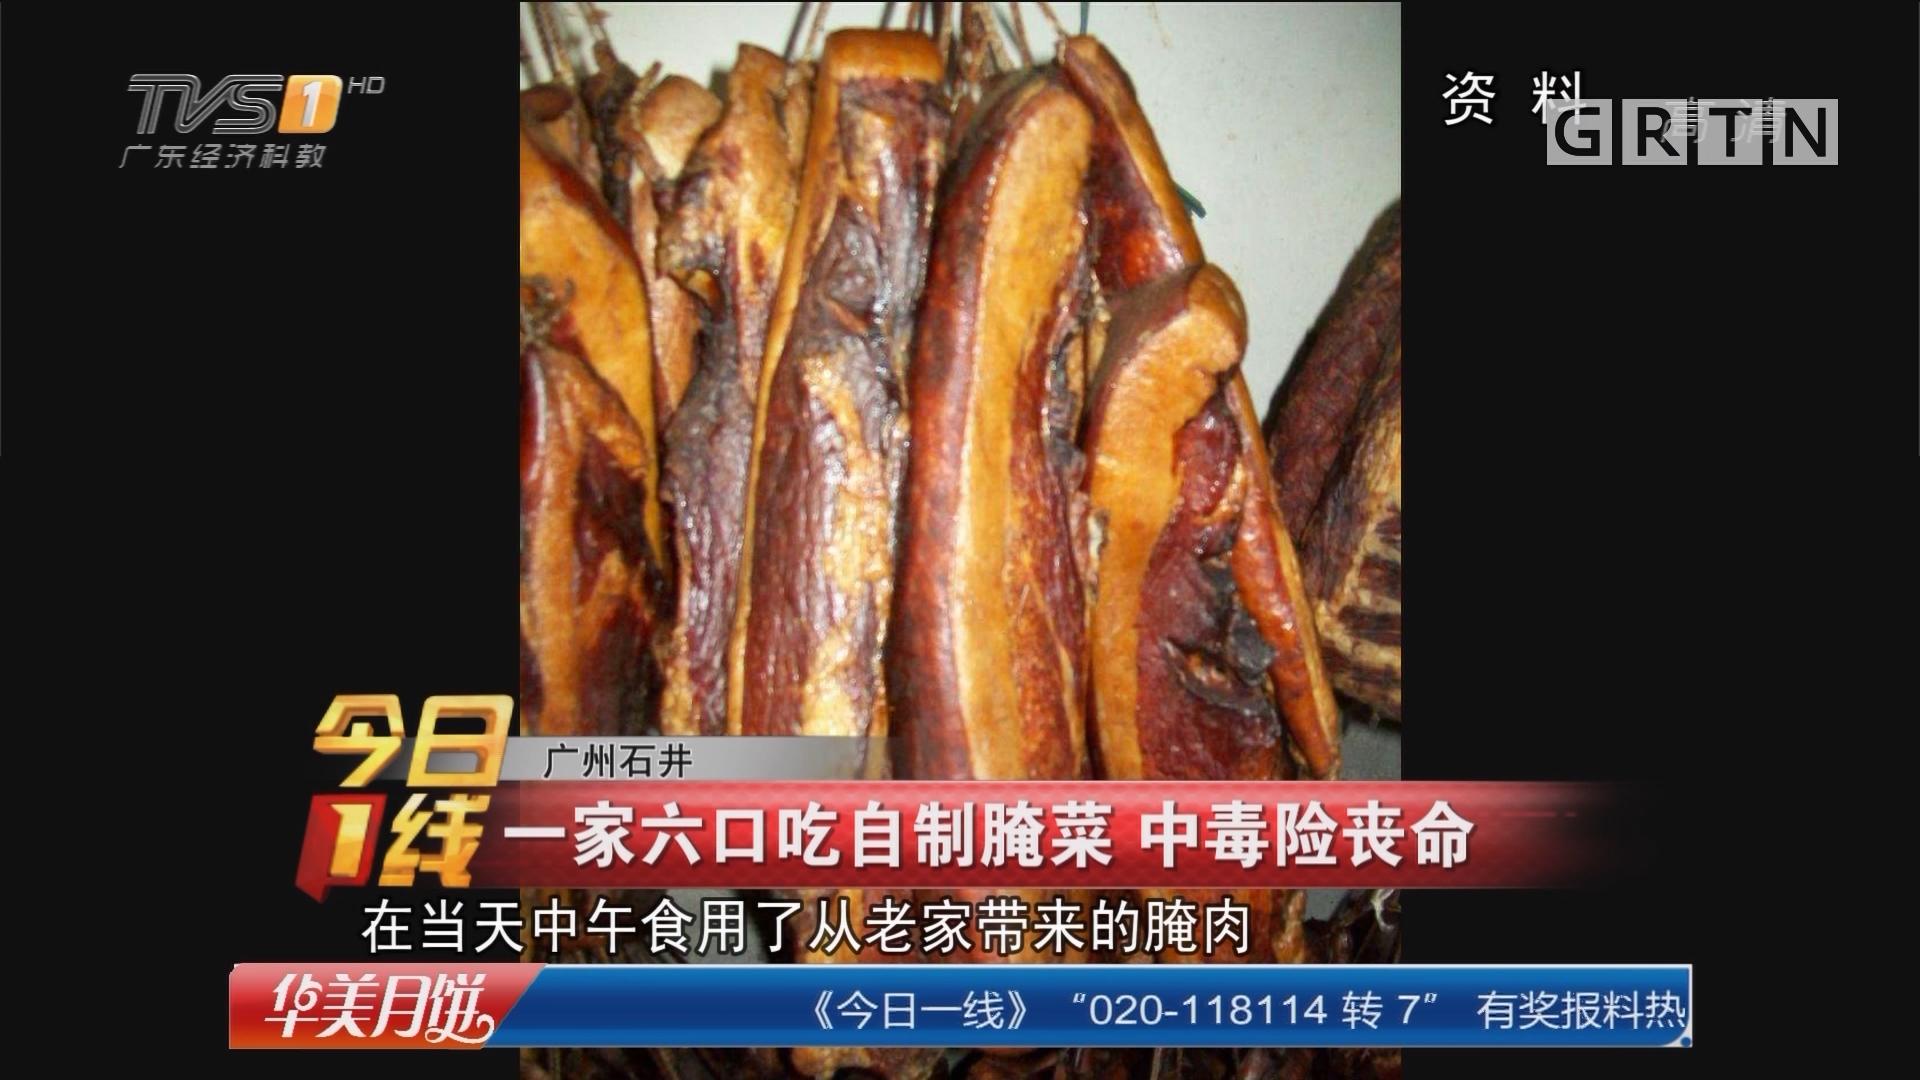 广州石井:一家六口吃自制腌菜 中毒险丧命